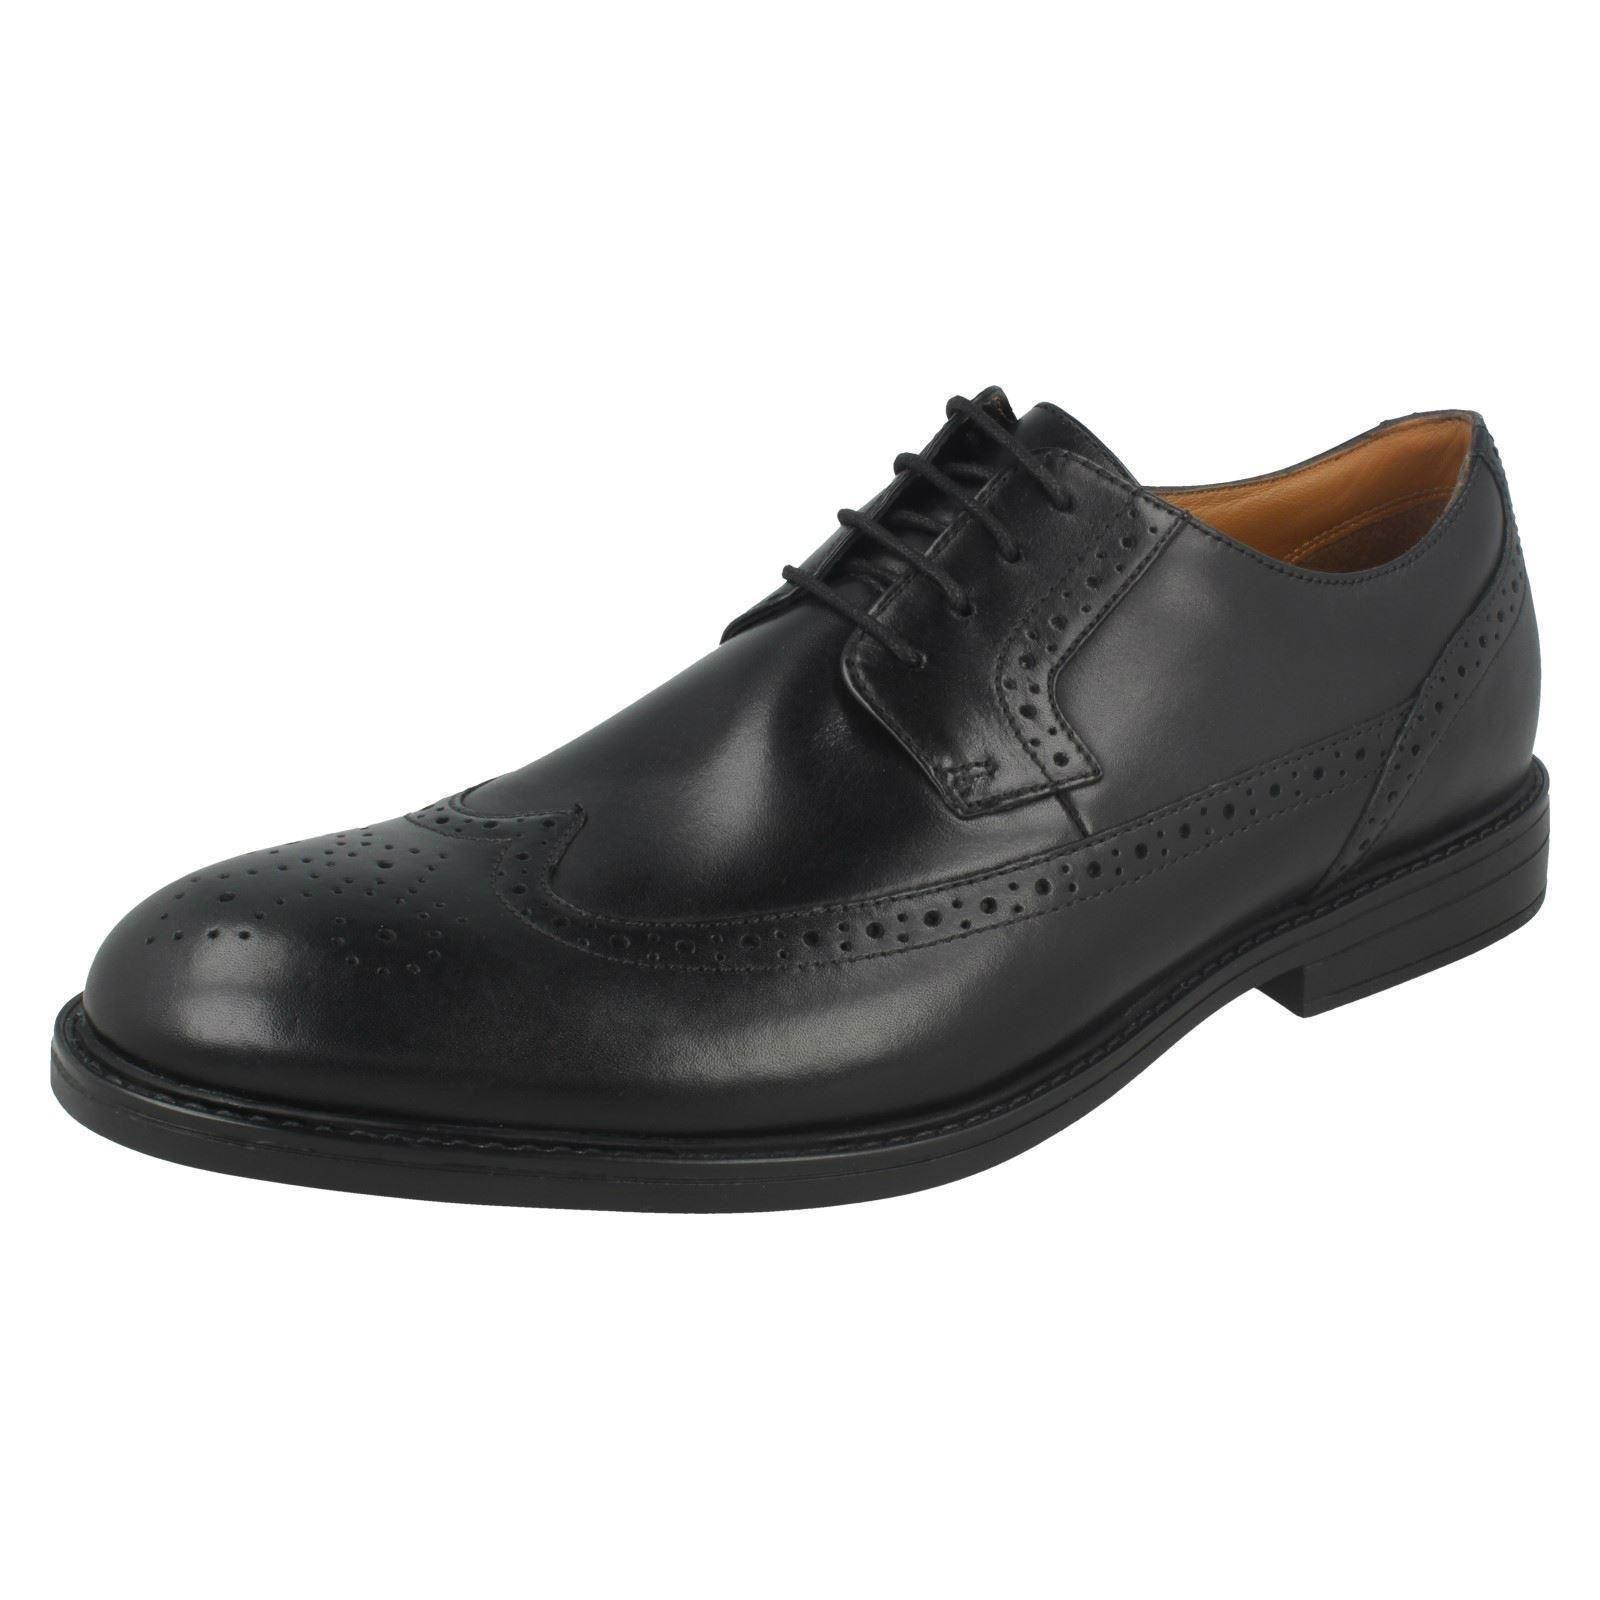 Chaussures Beckfield Habillé Richelieu Hommes Limite Clarks xA4Sqw6Z